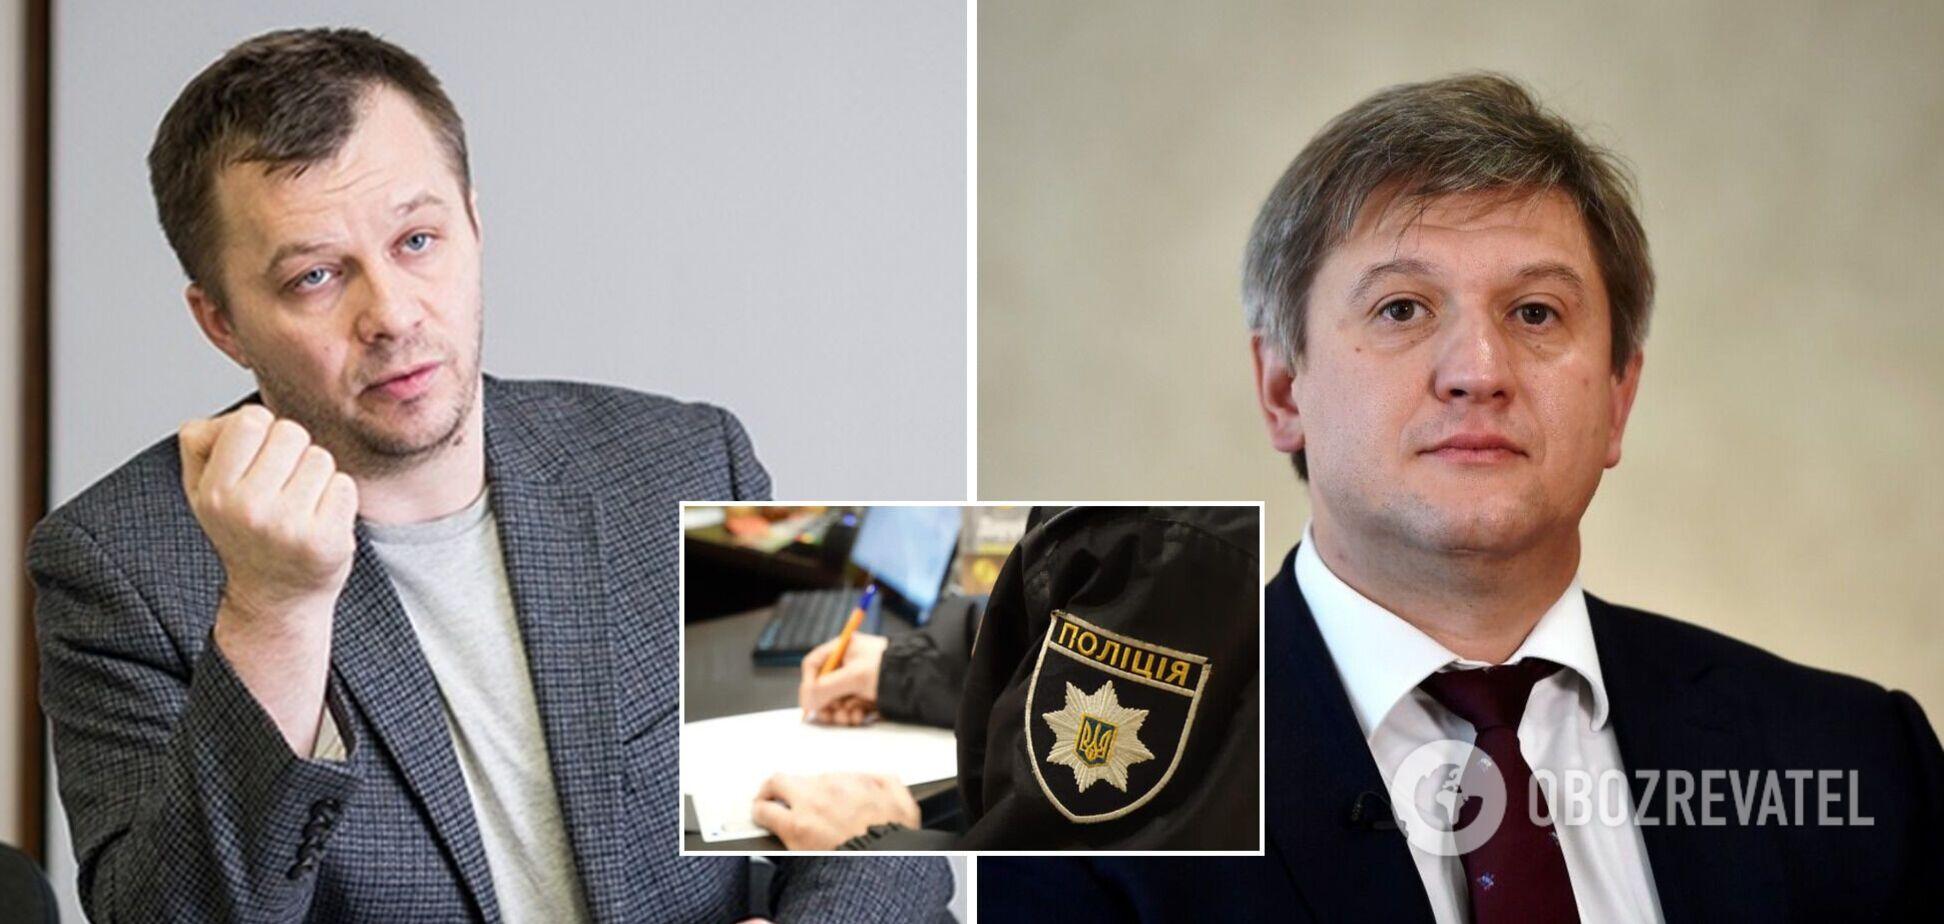 Милованов написав заяву на Данилюка в поліцію, той відповів. Ексклюзивні подробиці